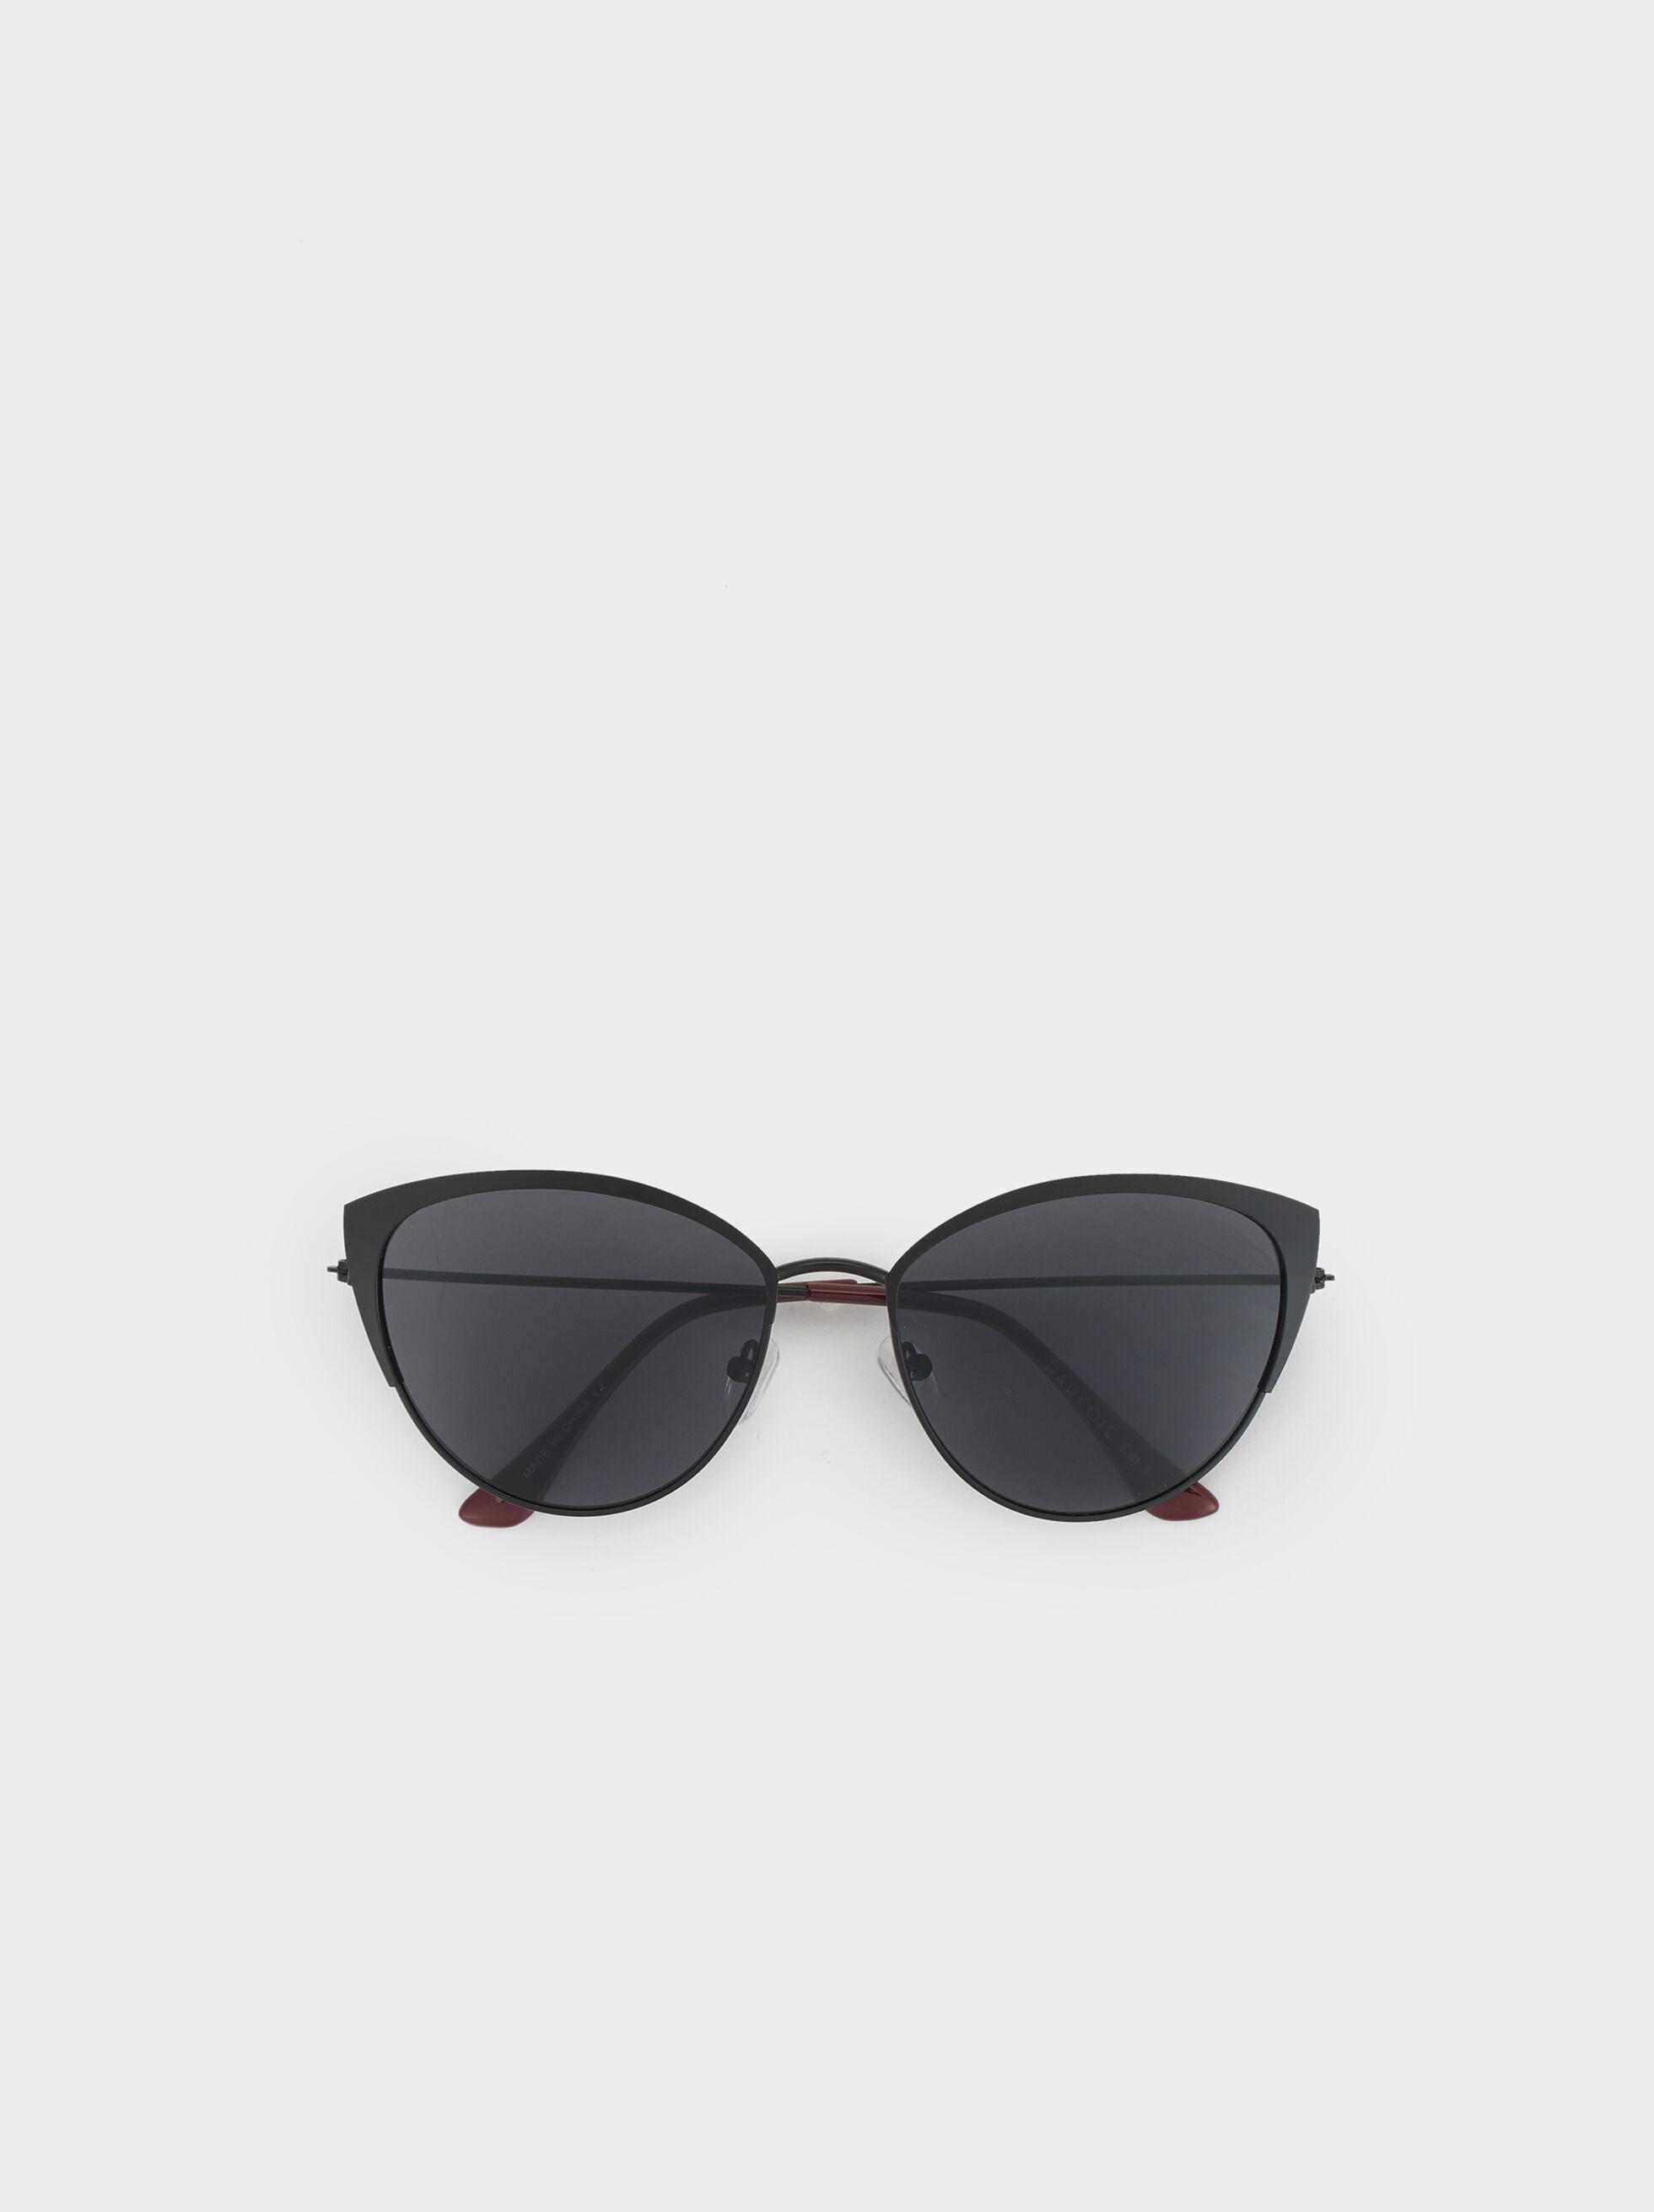 Metal Sunglasses, Black, hi-res